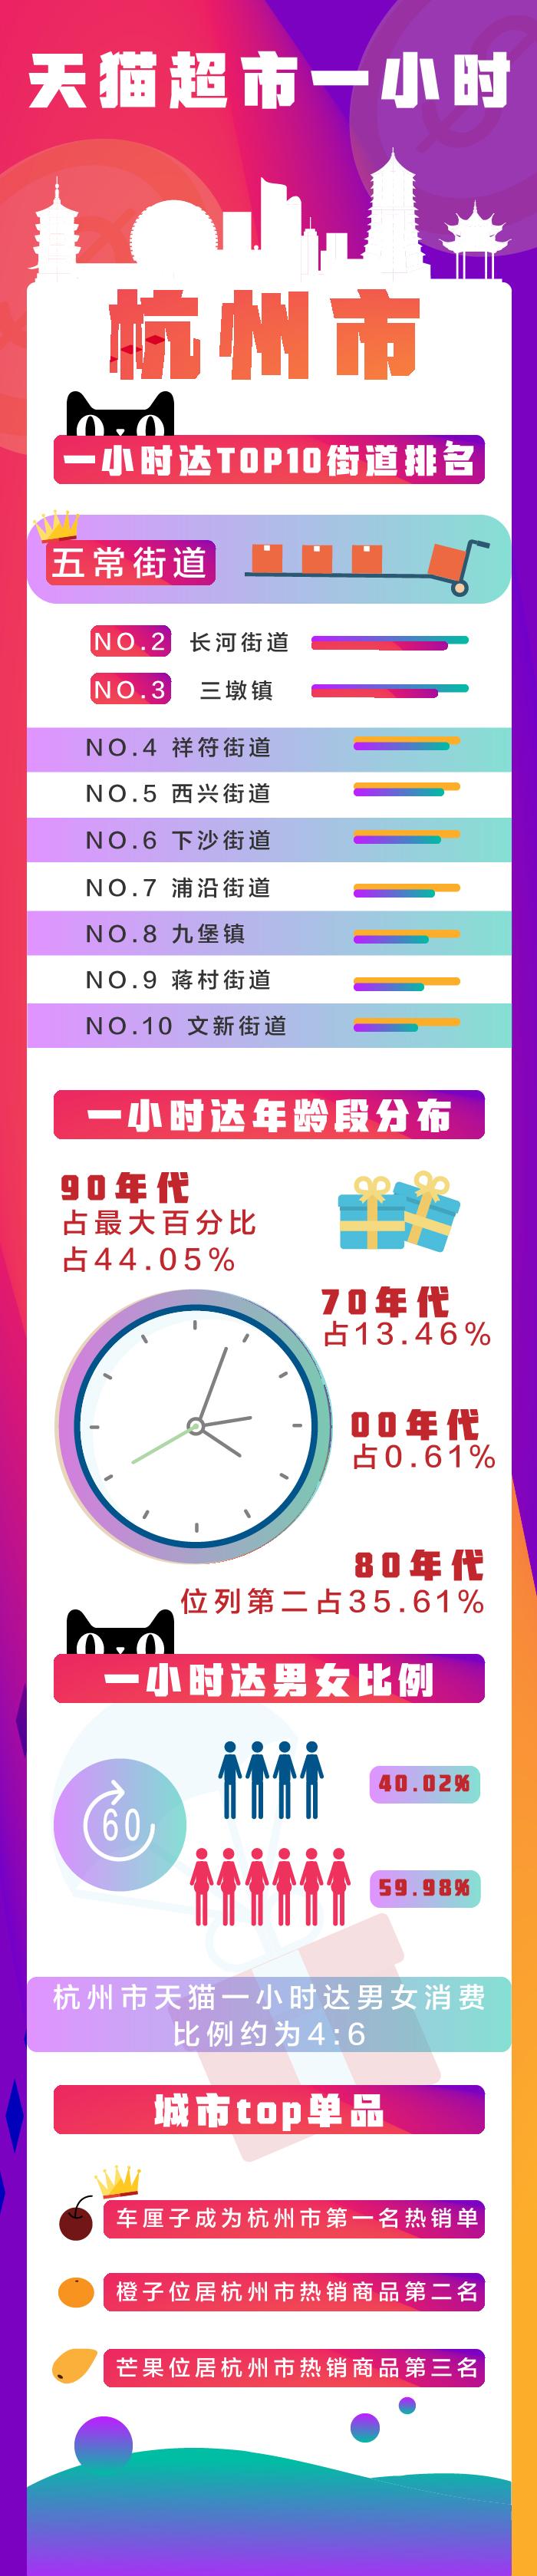 一小时达TOP10街道(杭州)